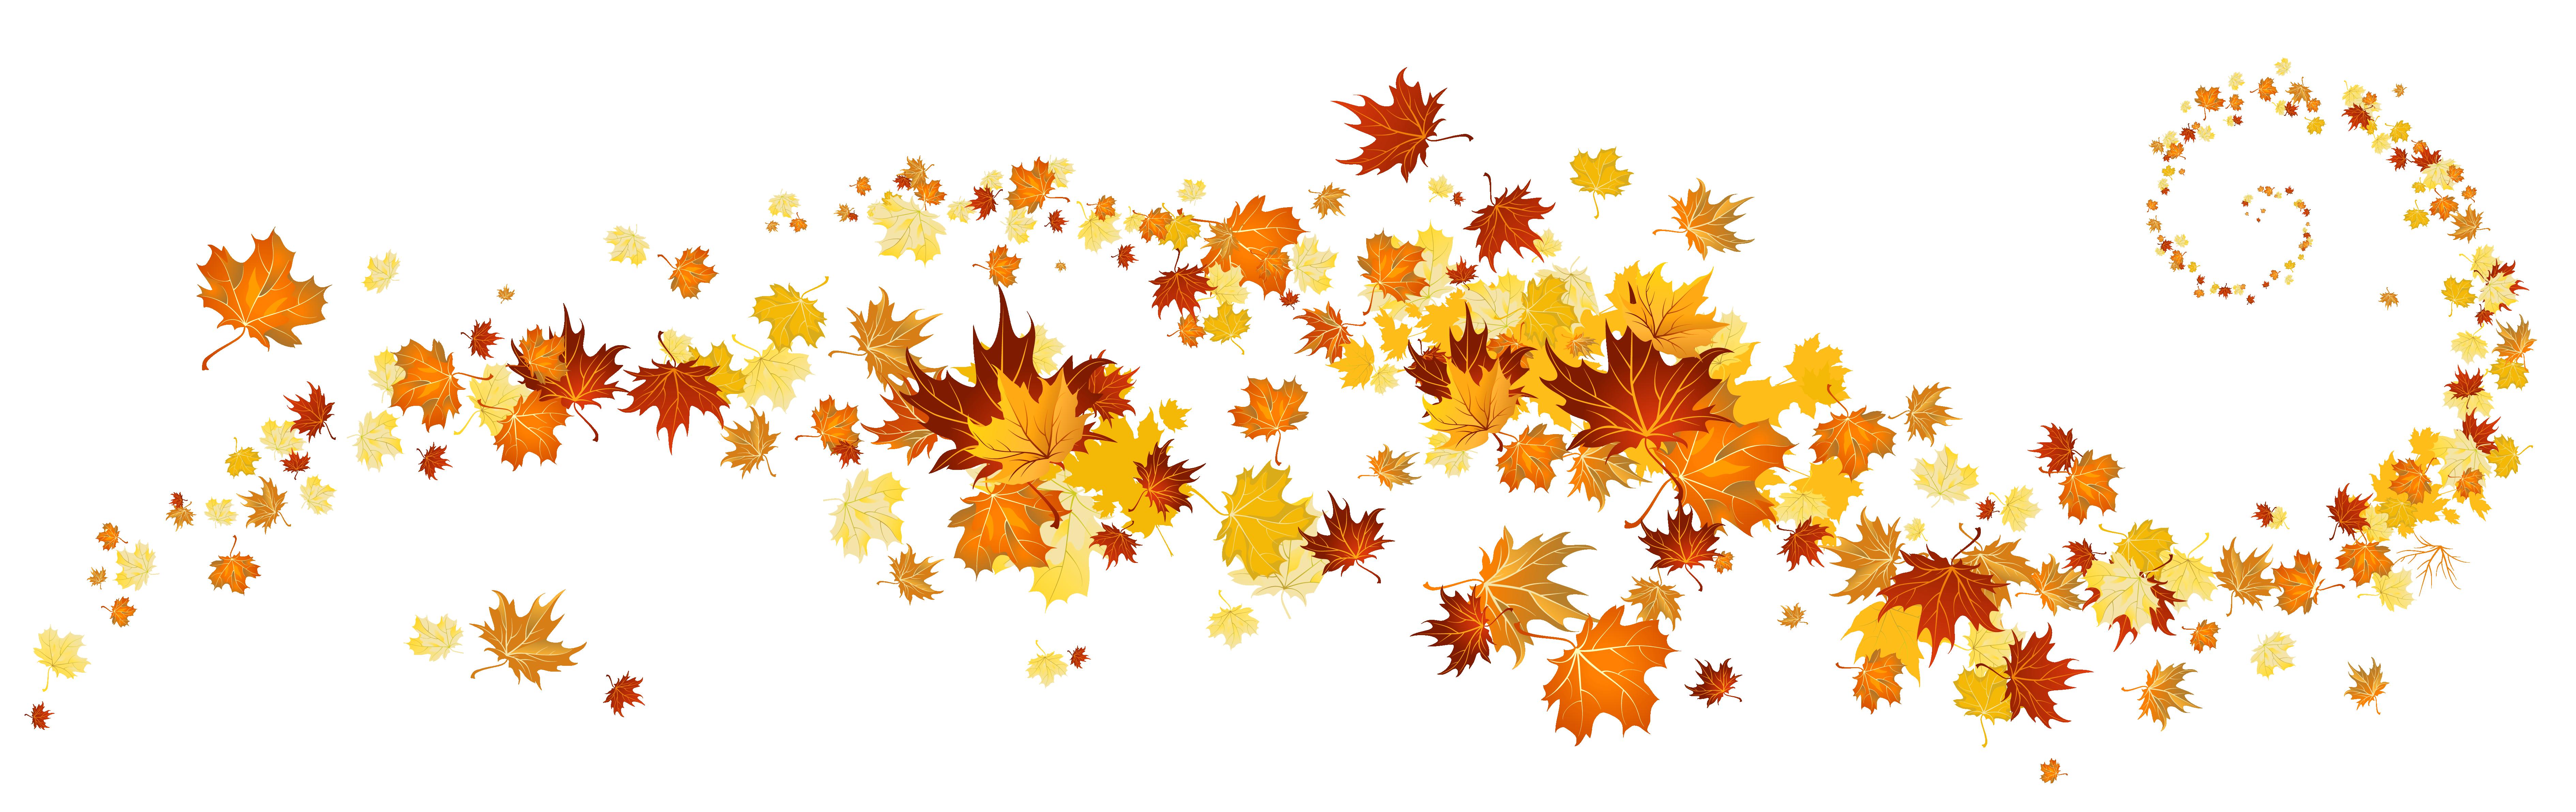 Autumn Fall Leaves Fall Leaf Clip Art Ou-Autumn fall leaves fall leaf clip art outline free clipart images-5